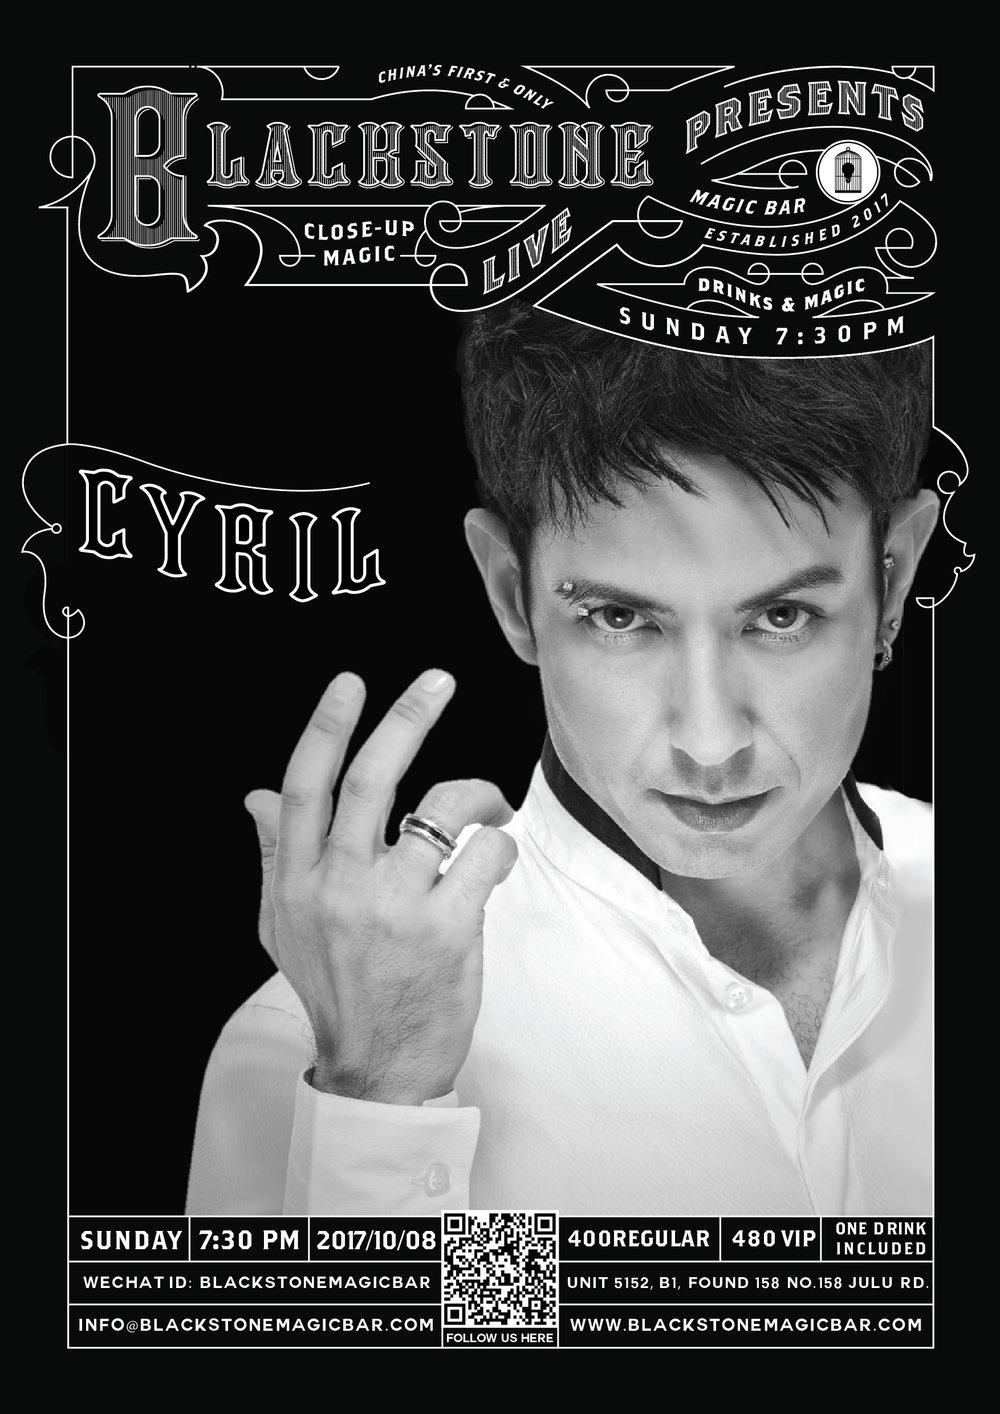 Cyril-02.jpg